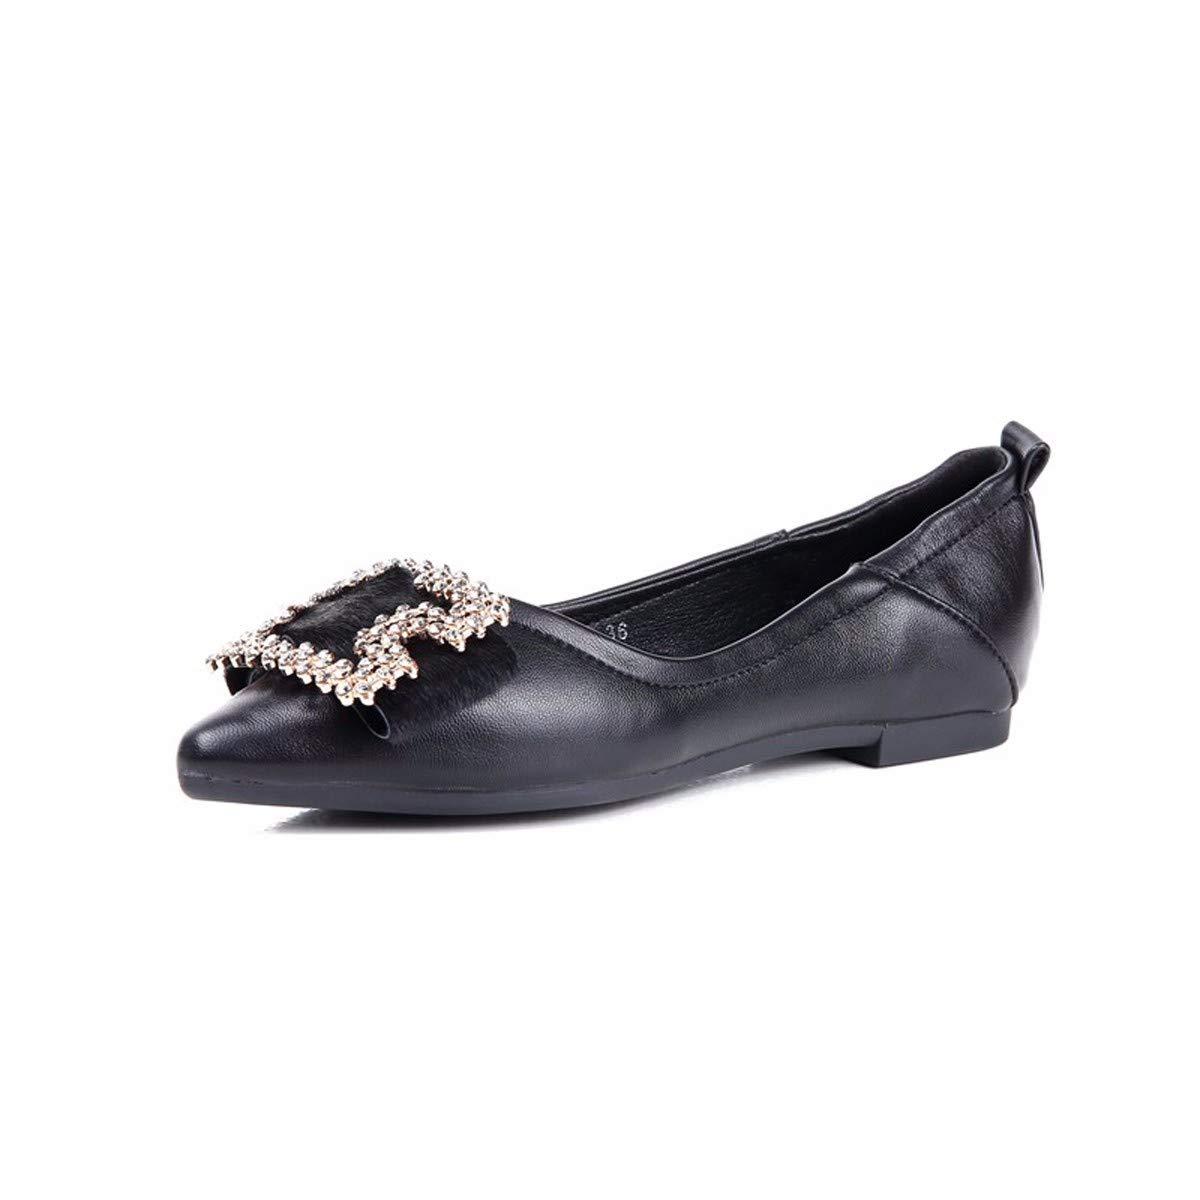 HBDLH Damenschuhe Im Frühjahr 2019 Süß Absatz 1 cm Hoch Flache Schuhe Fliege Bohrer Square Schnalle 100 Setzt Flachen Mund Einzelne Schuhe